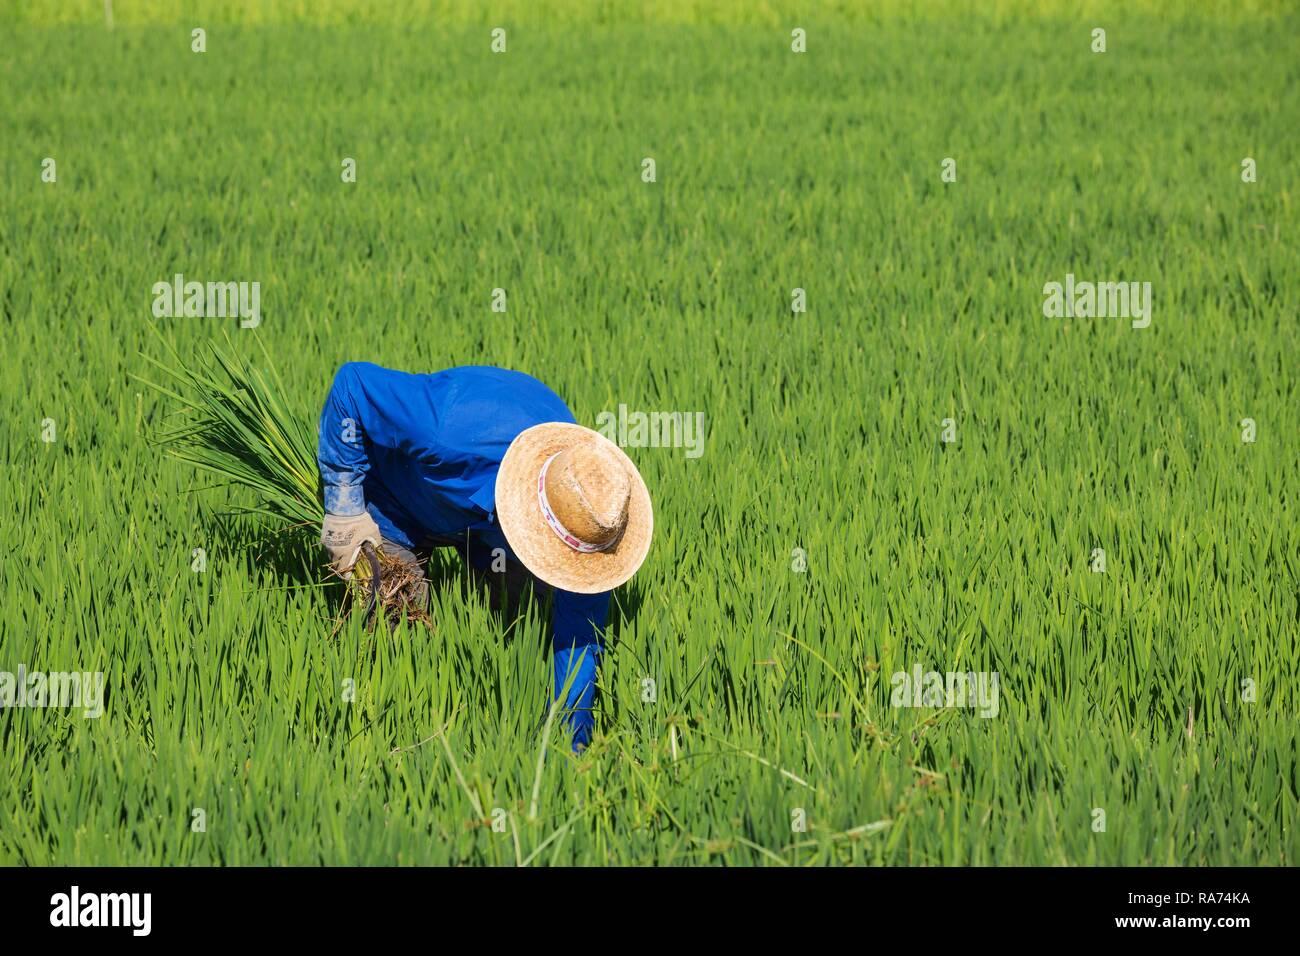 Ripulendo dalle erbacce i campi di riso (Oryza sativa) è un lavoro manuale, in luglio, dintorni di Delta del Ebro Riserva Naturale, provincia di Tarragona Immagini Stock